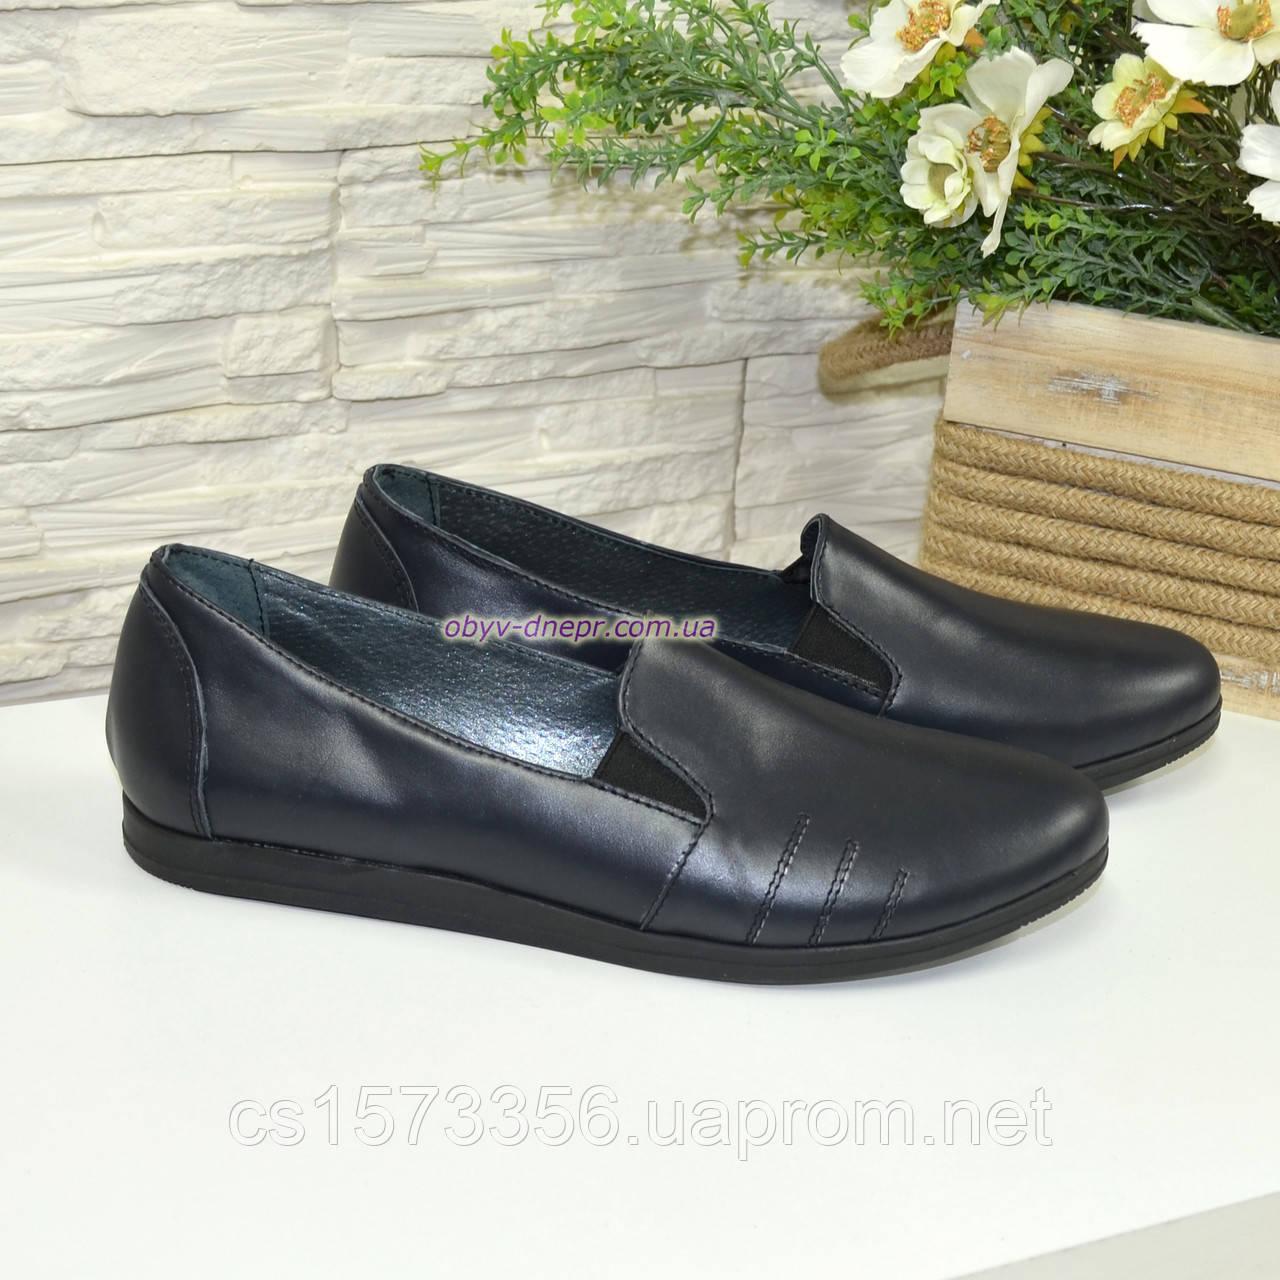 Туфли женские из натуральной кожи синего цвета на плоской подошве